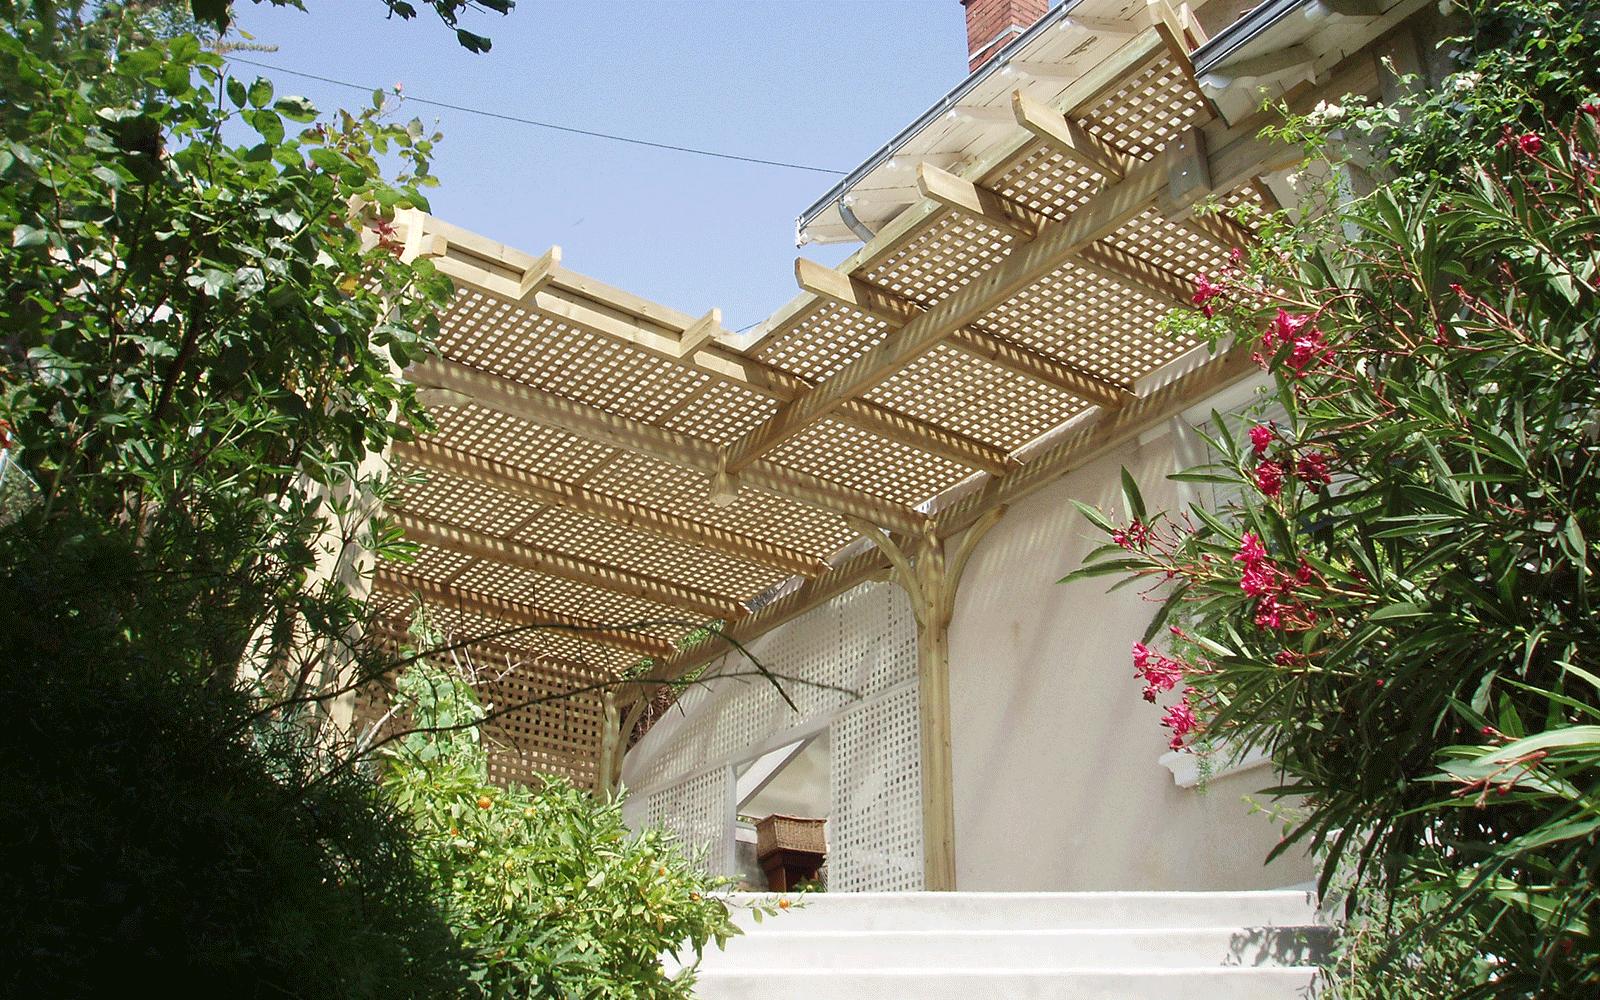 Pergola abris terrasse bois composite dauphiné environnement la murette pays voironnais